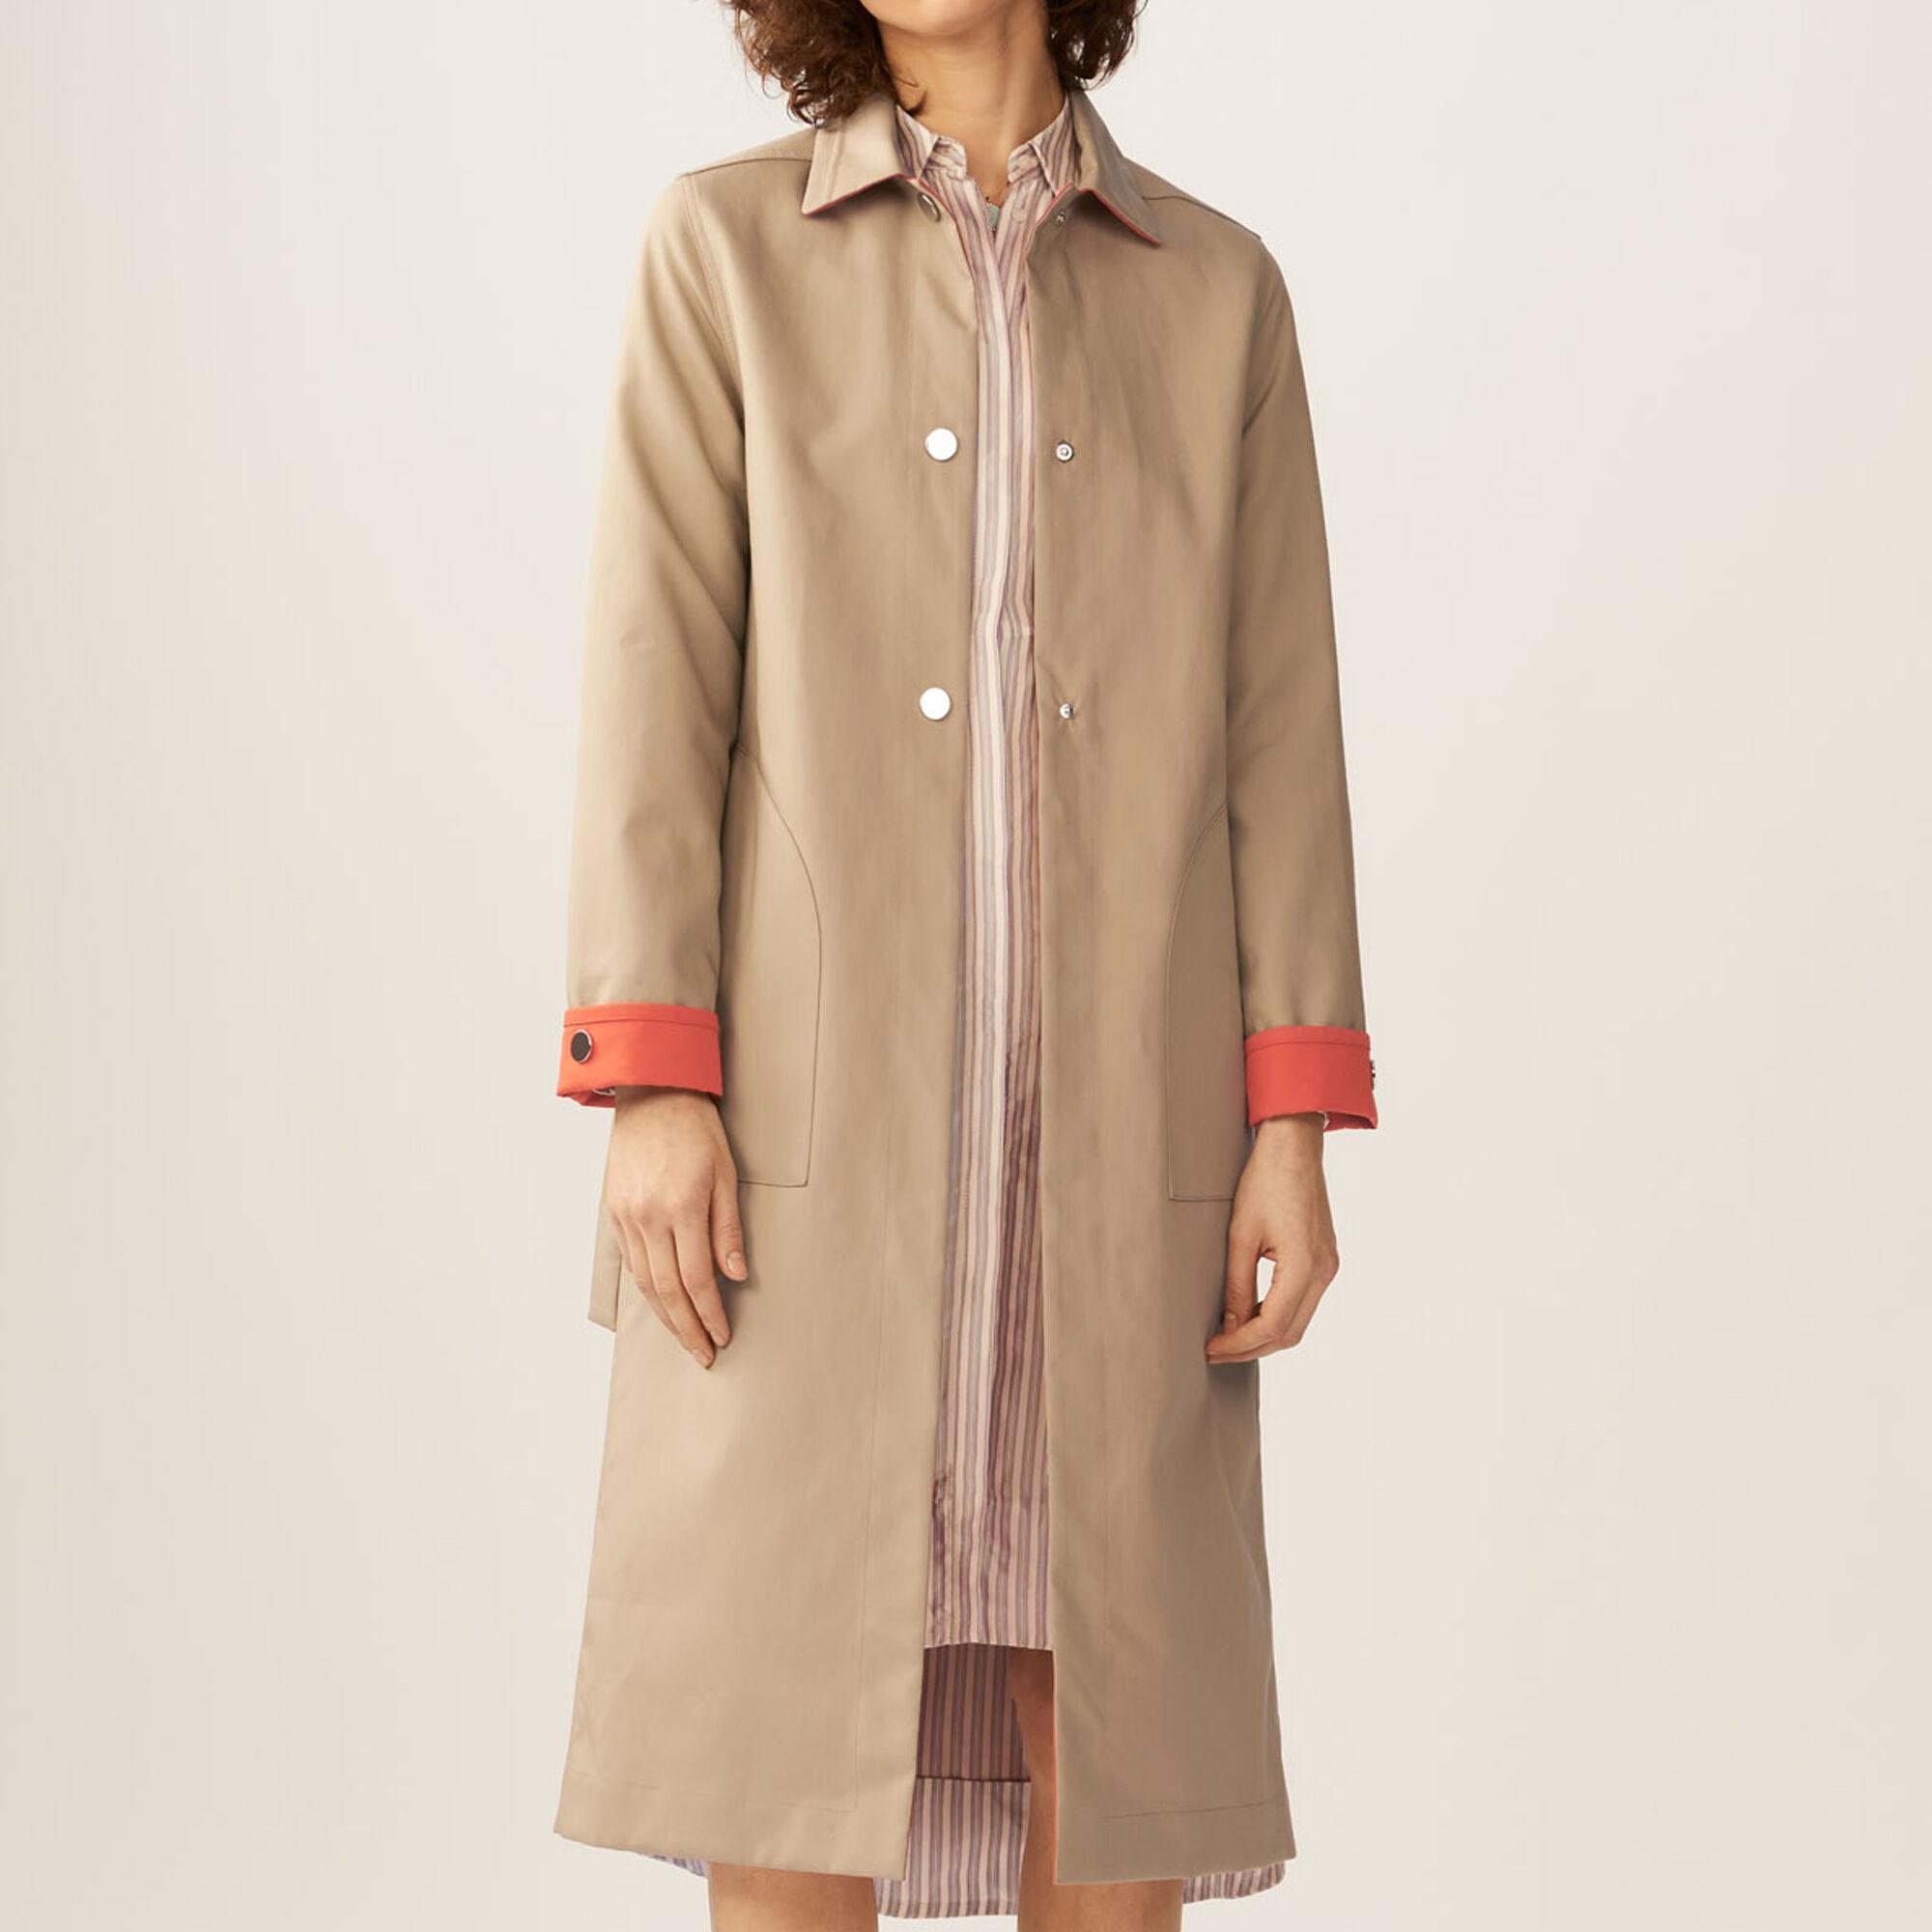 Manteau gris chine femme h&m